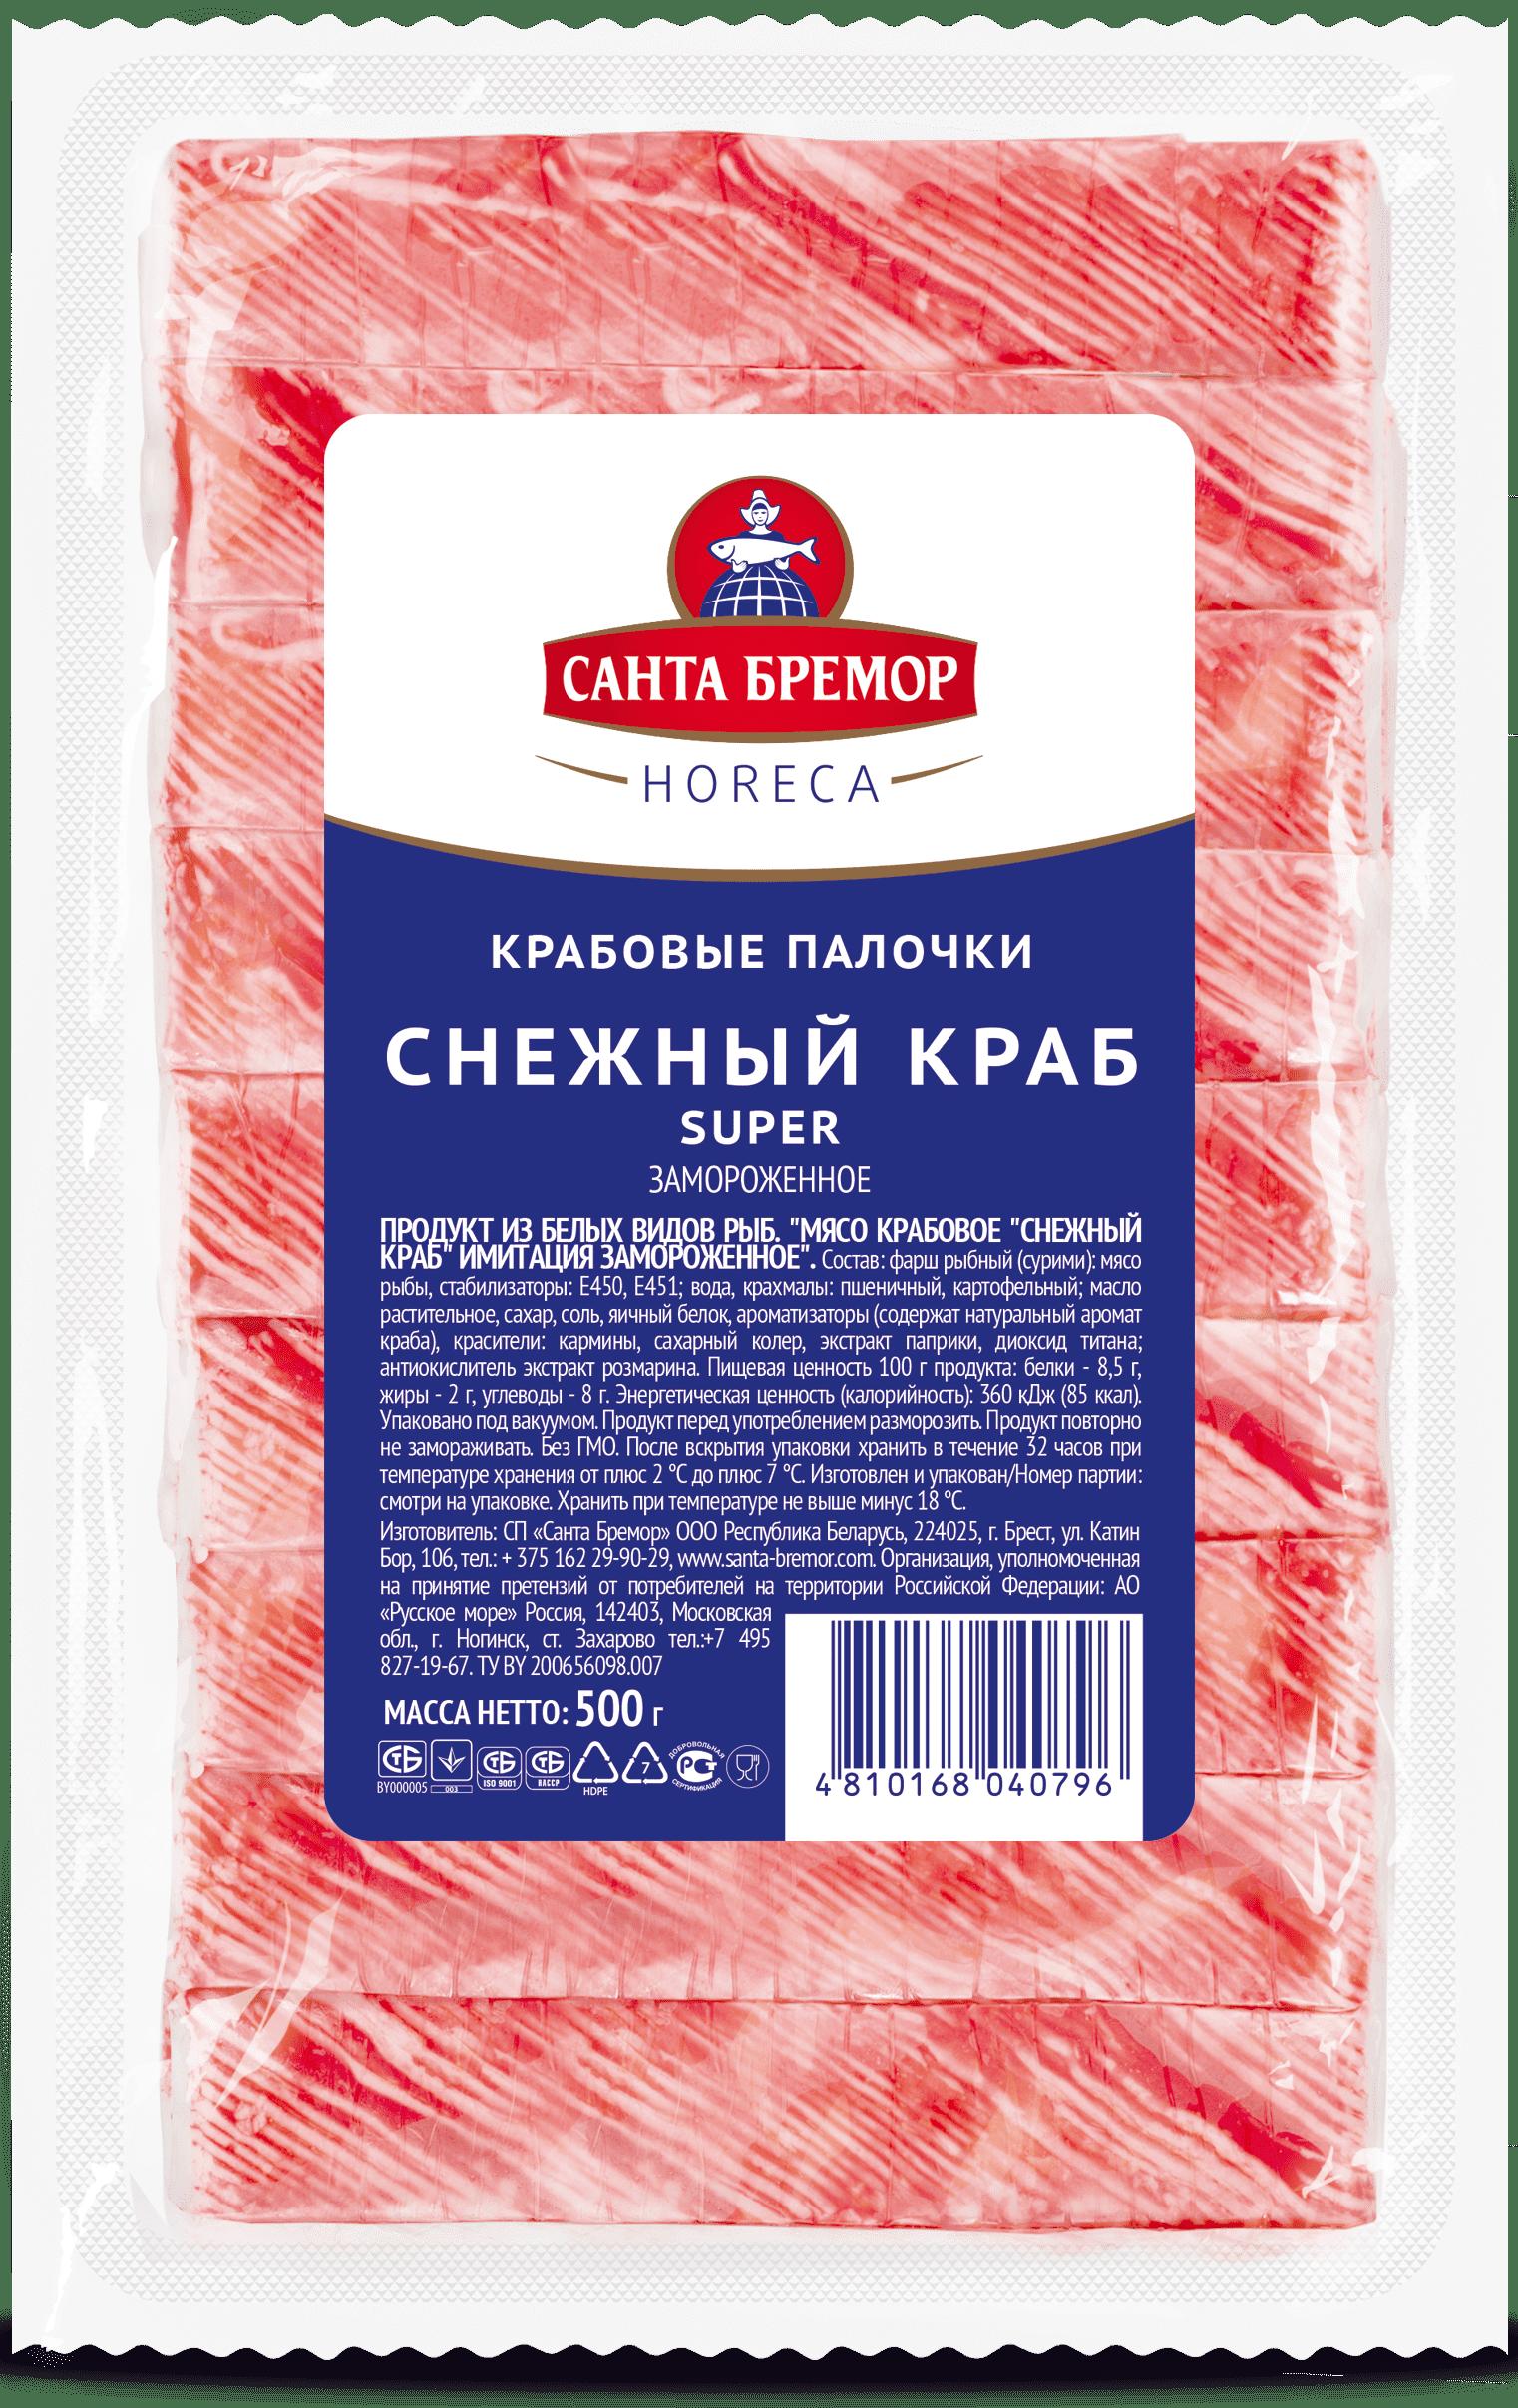 Snejnıy Krab Santa Bremor 0.5kg